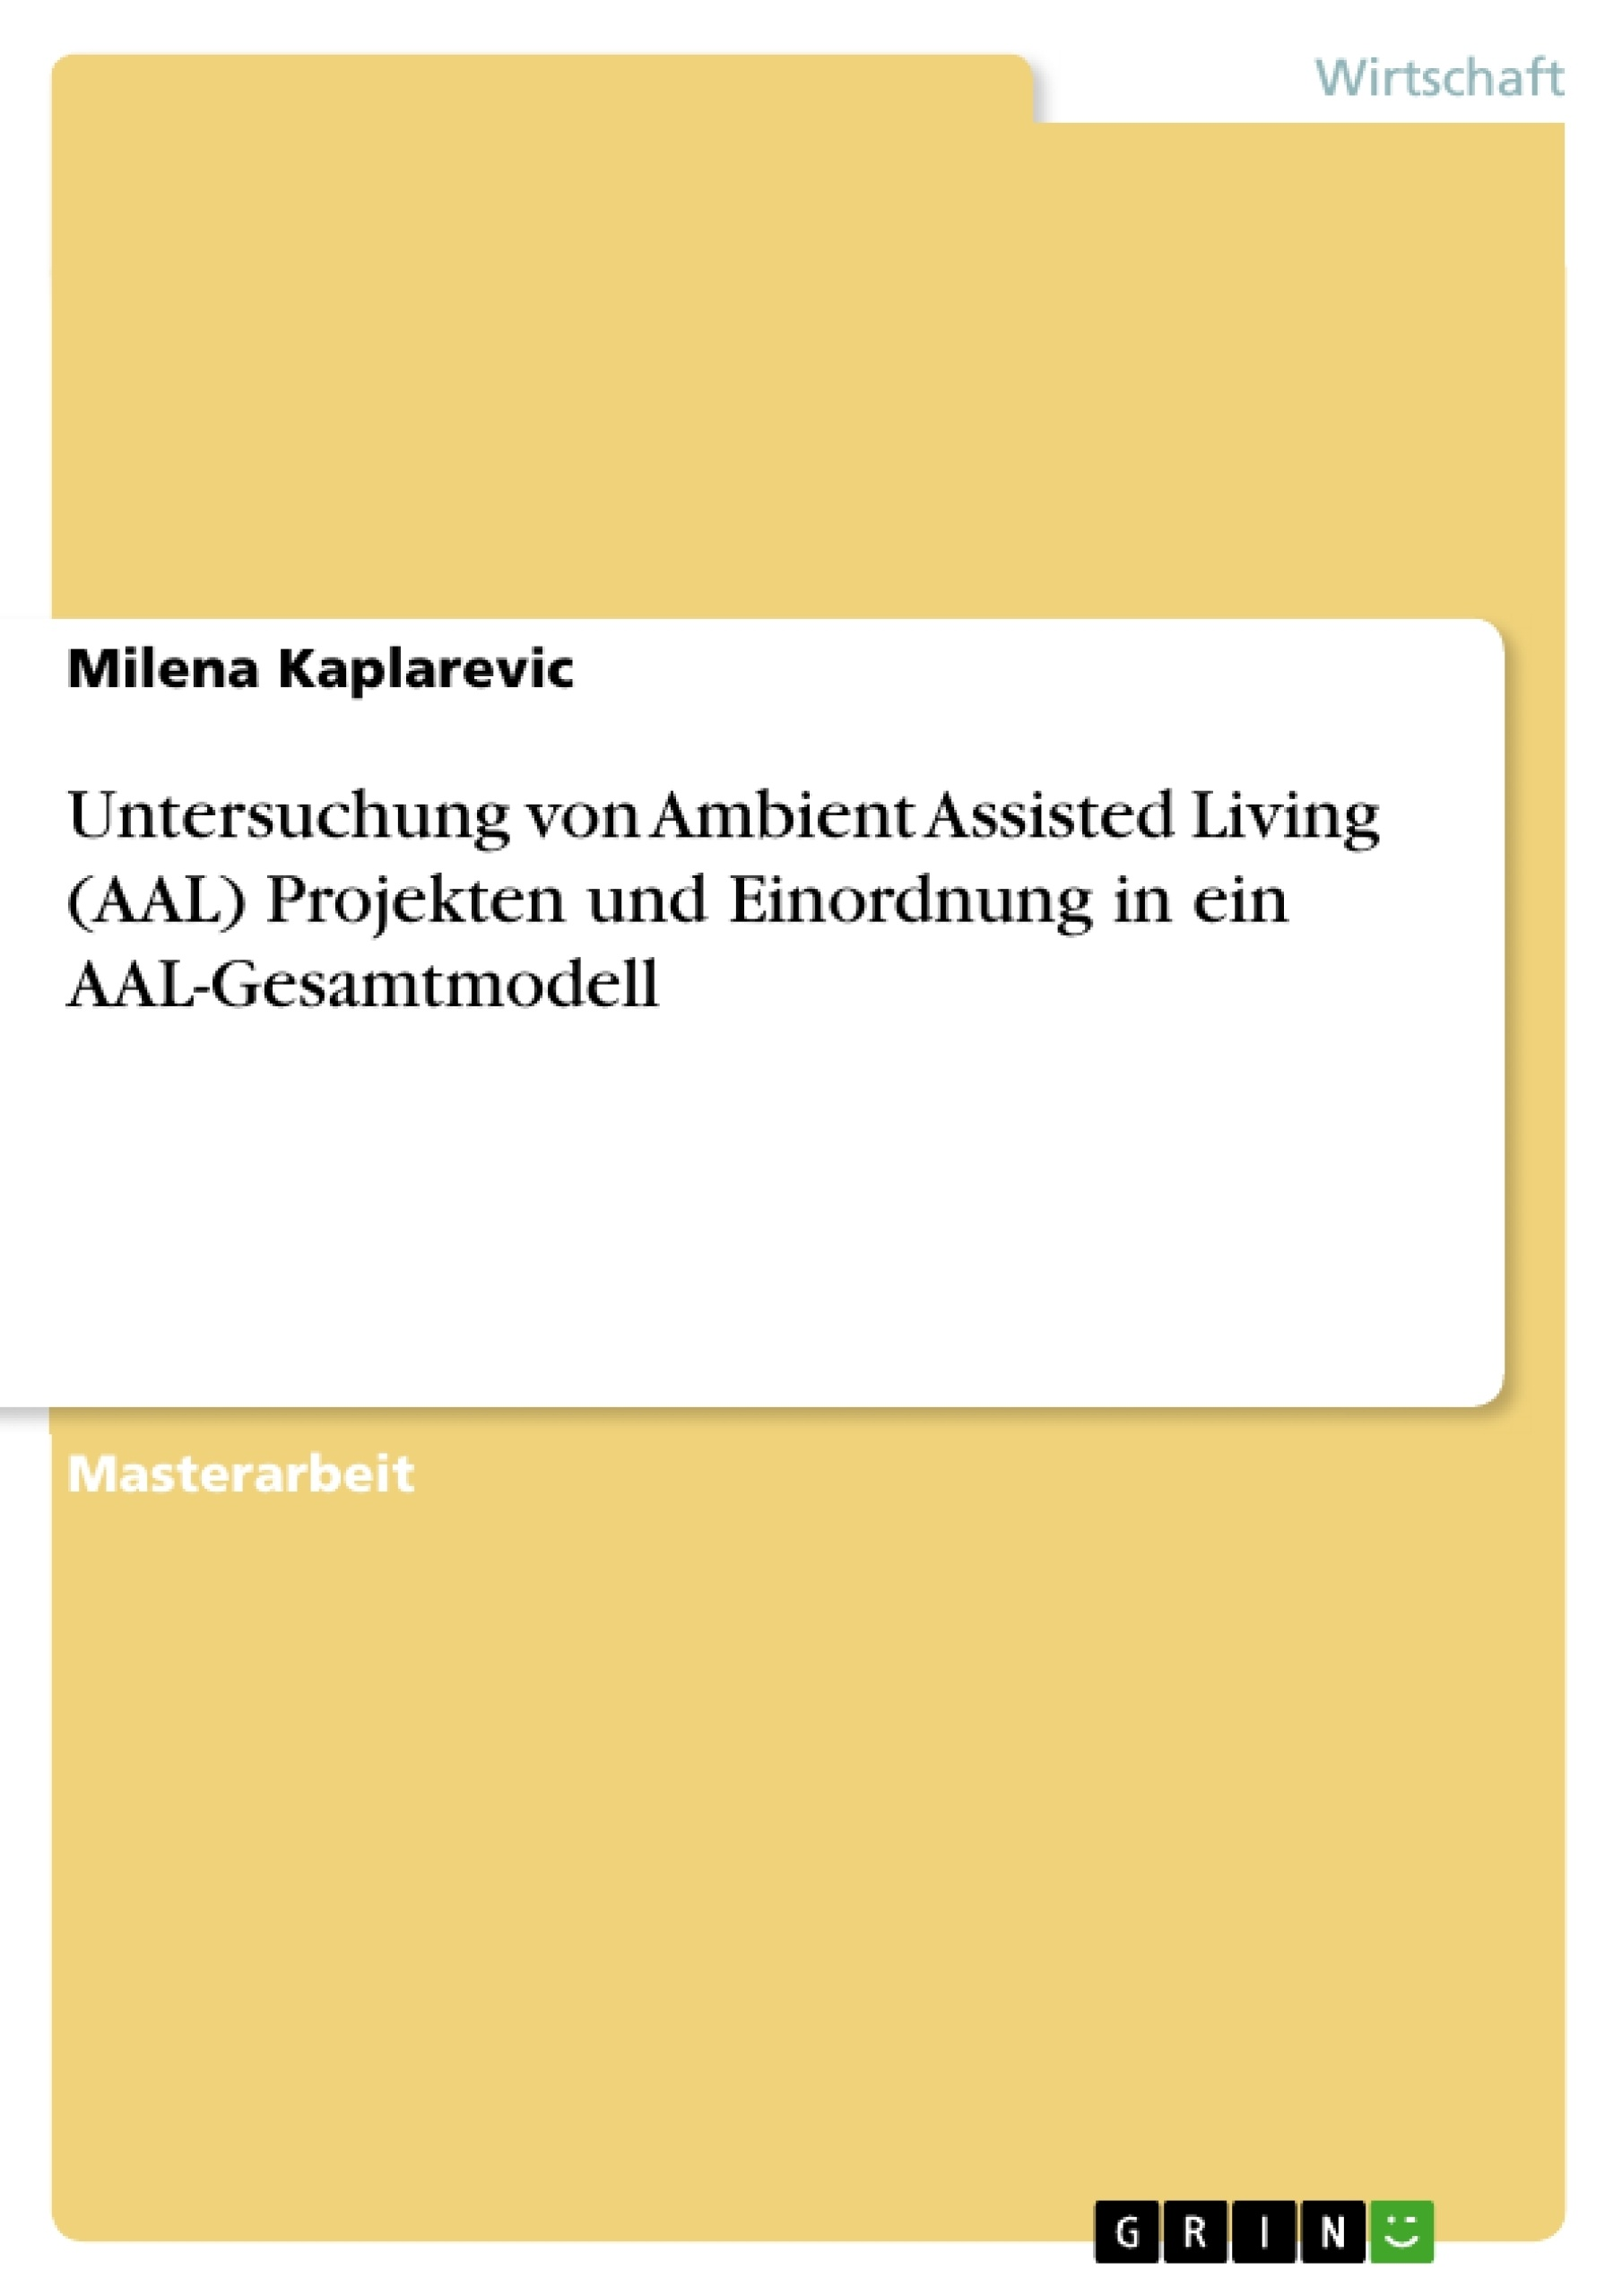 Titel: Untersuchung von Ambient Assisted Living (AAL) Projekten und Einordnung in ein AAL-Gesamtmodell